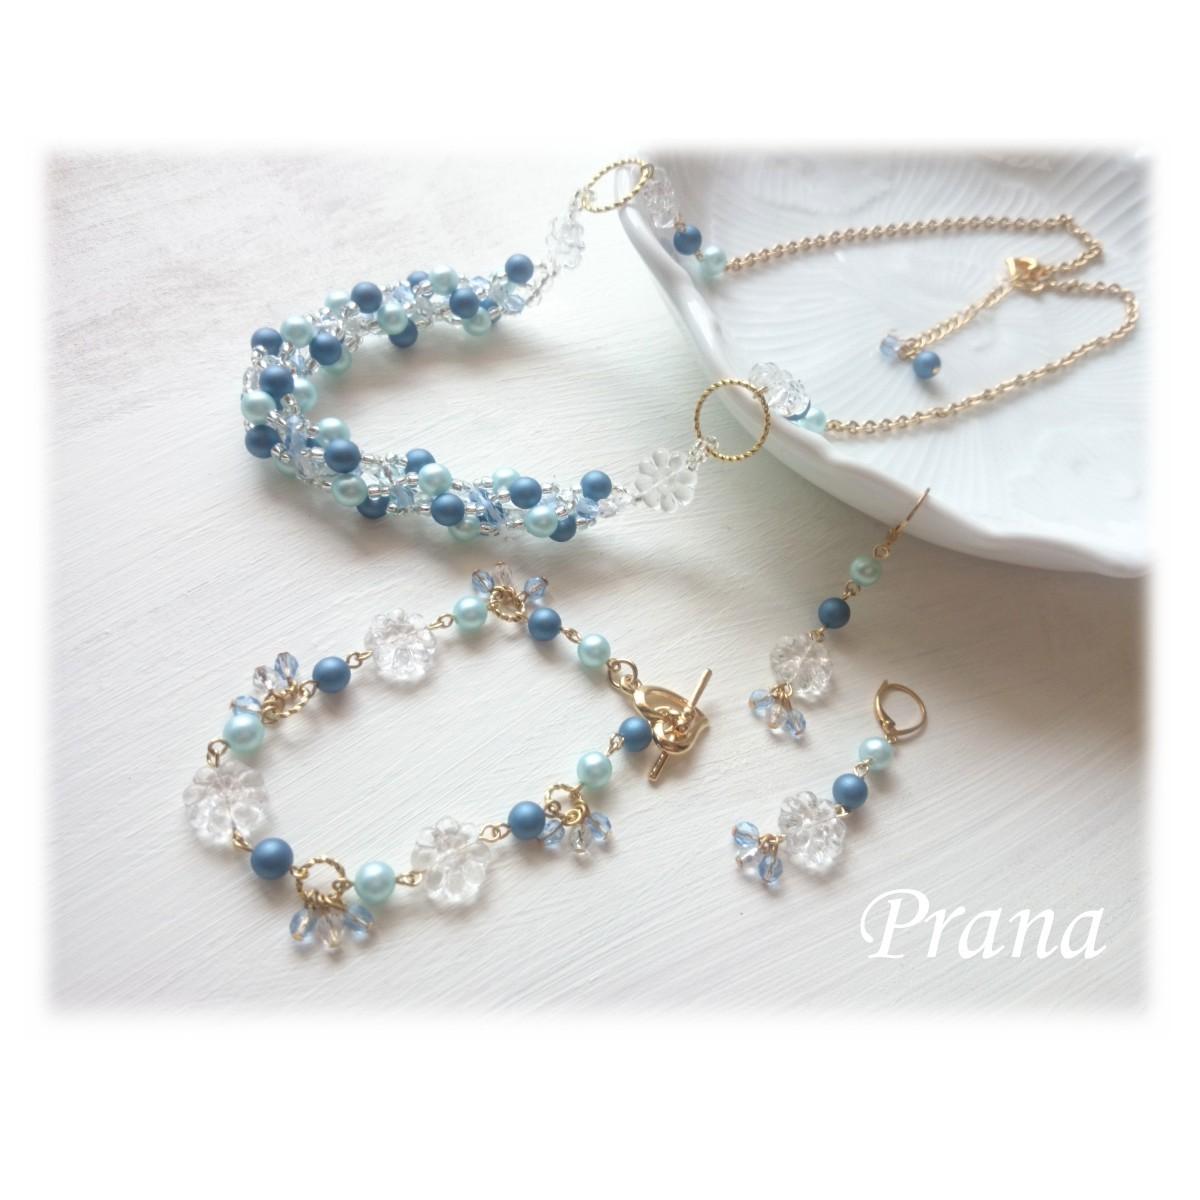 夏にぴったりの二色の青いパールに透明感が美しいチェコフラワービーズのロングネックレス・ブレス・ピアス 『mon favori (モンファヴォリ)』 デミパリュール (3商品セット)【金具変更可能】